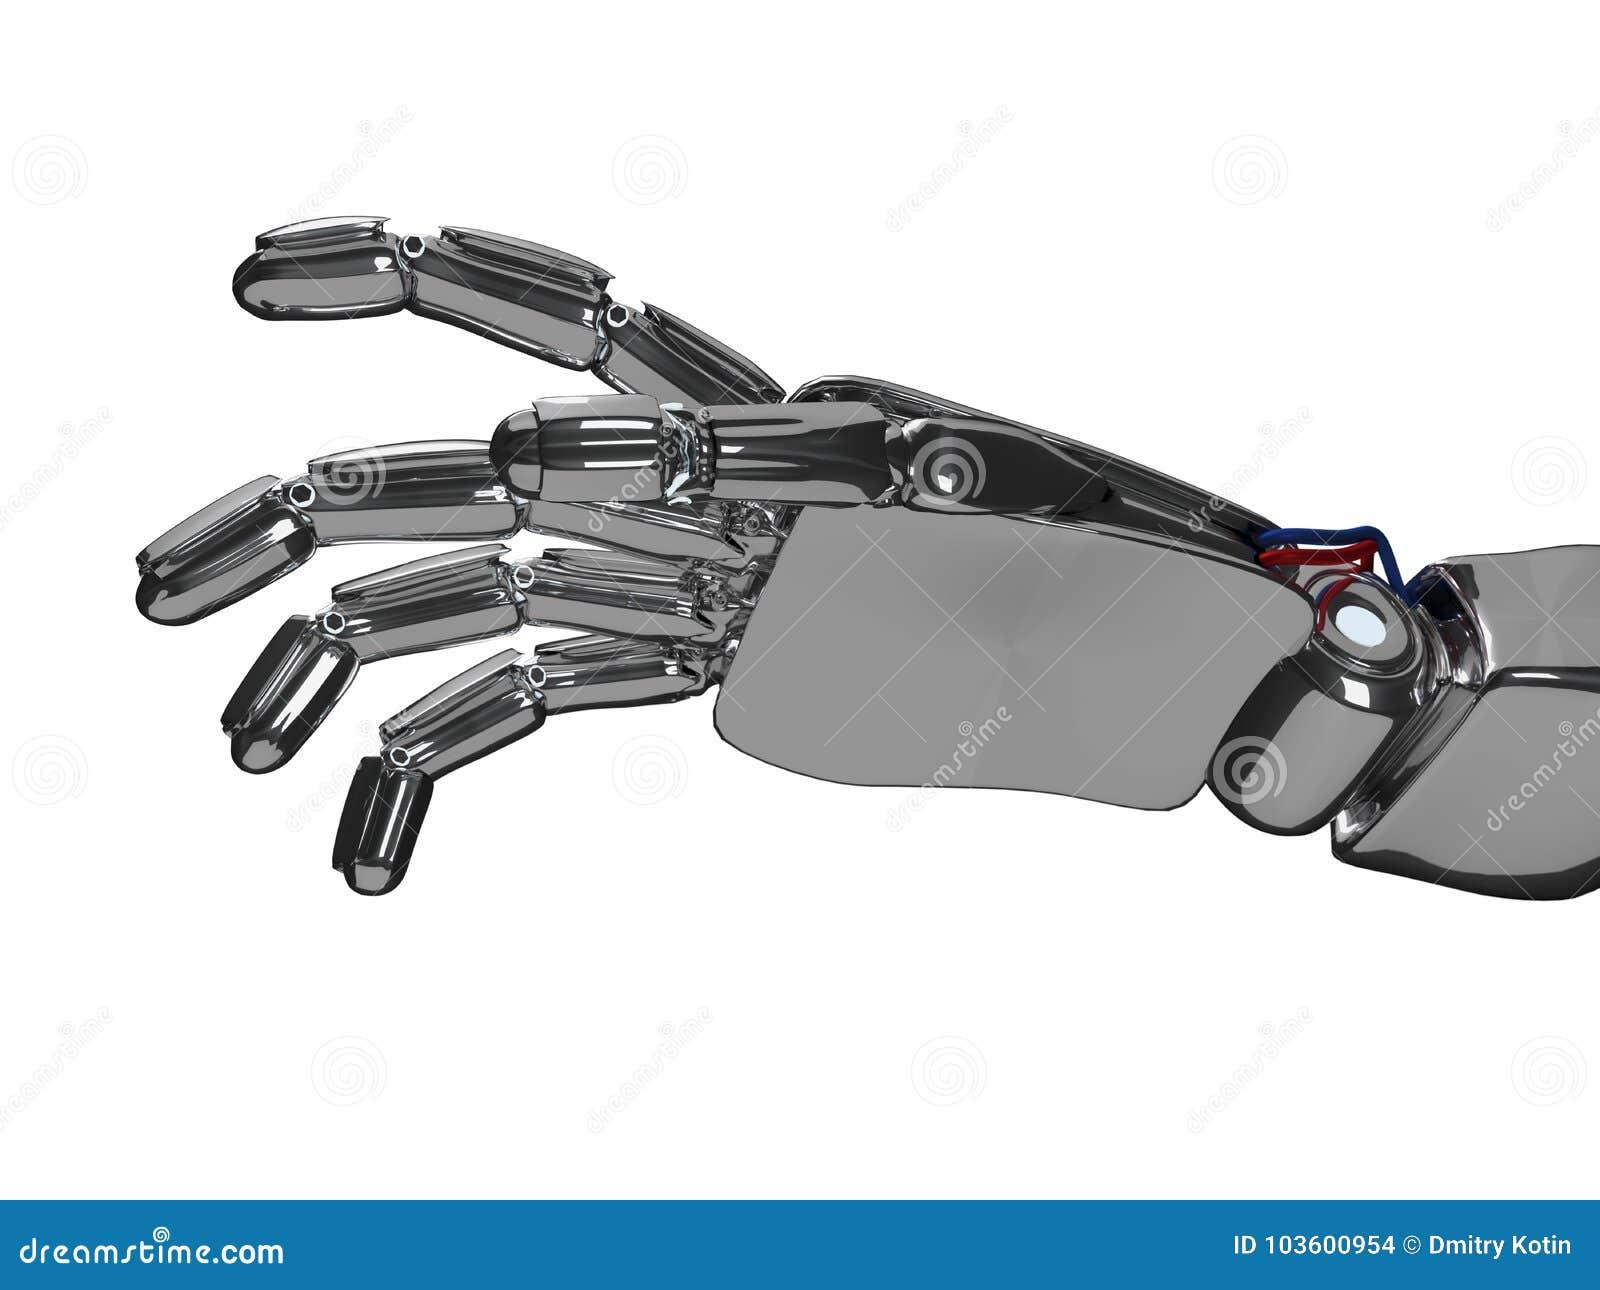 Metallic Robot Hand  3d Rendering Stock Photo - Image of